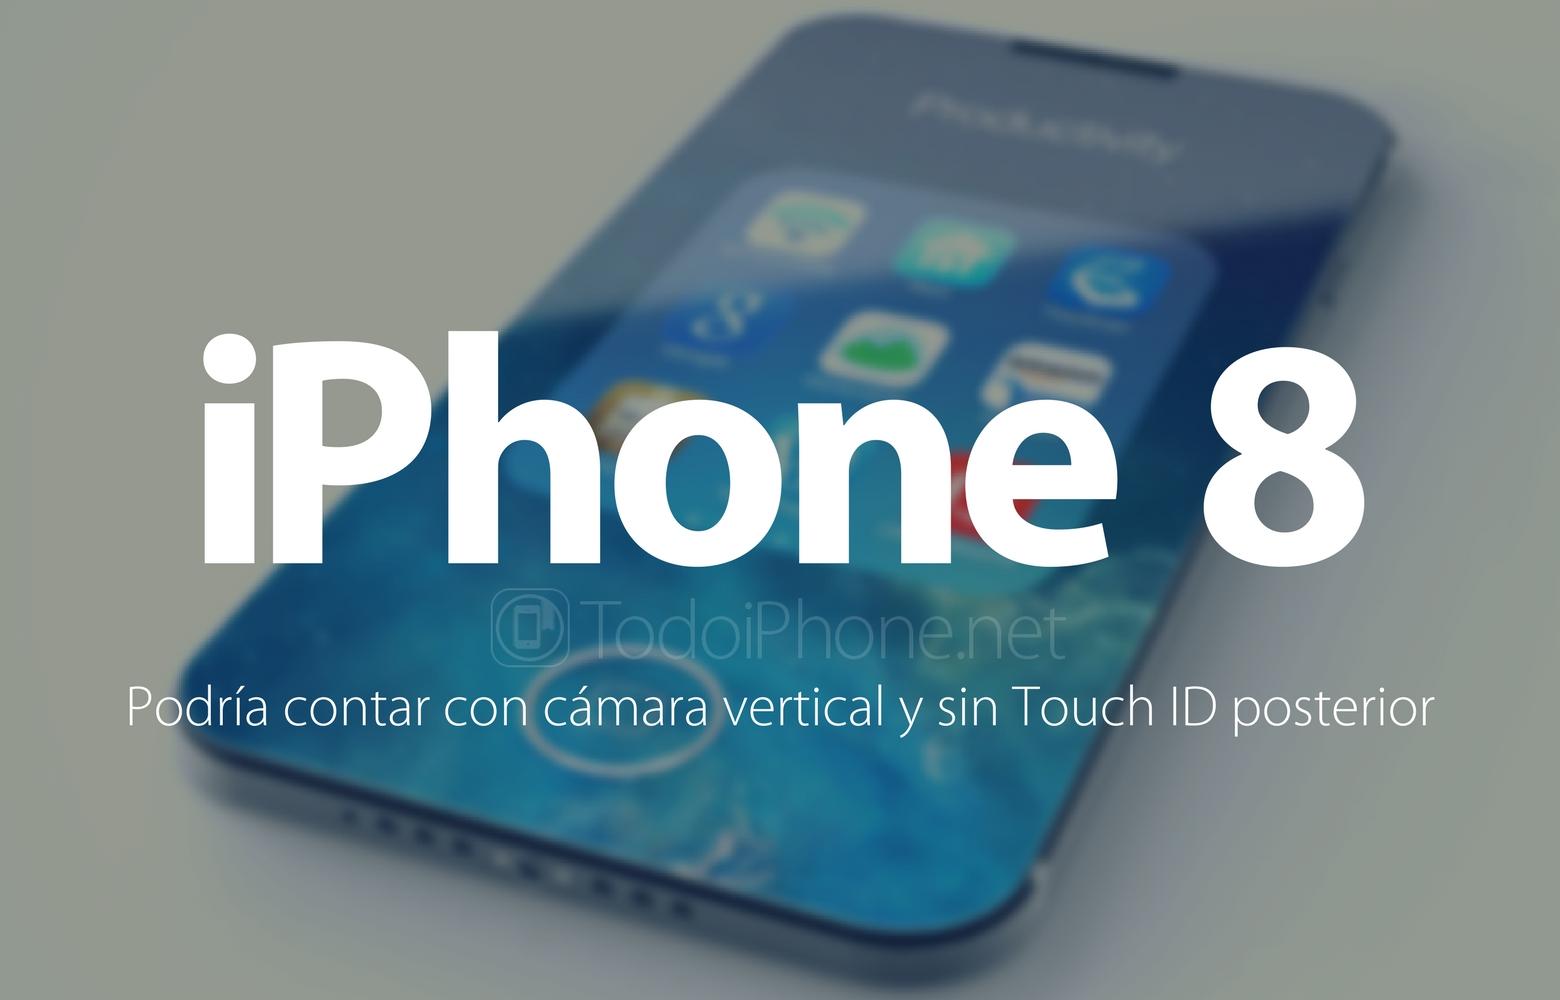 iPhone 8 podría contar con cámara vertical y sin Touch ID trasero